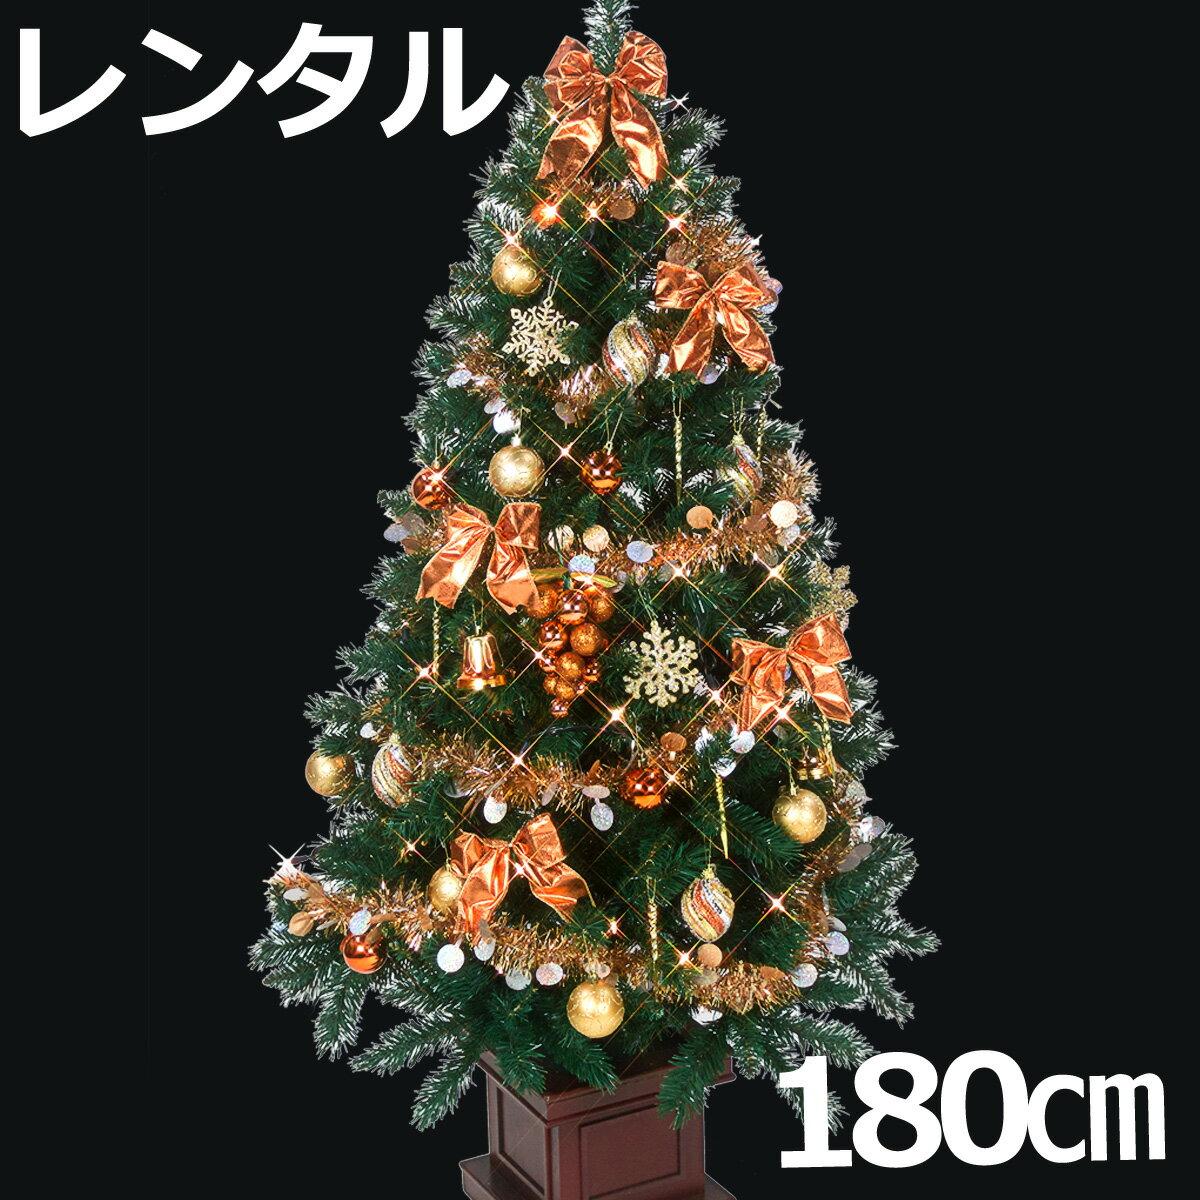 【レンタル】 クリスマスツリー セット 180cm 木製ポット付 コパー&ゴールド 【往復 送料無料】 クリスマスツリー レンタル fy16REN07